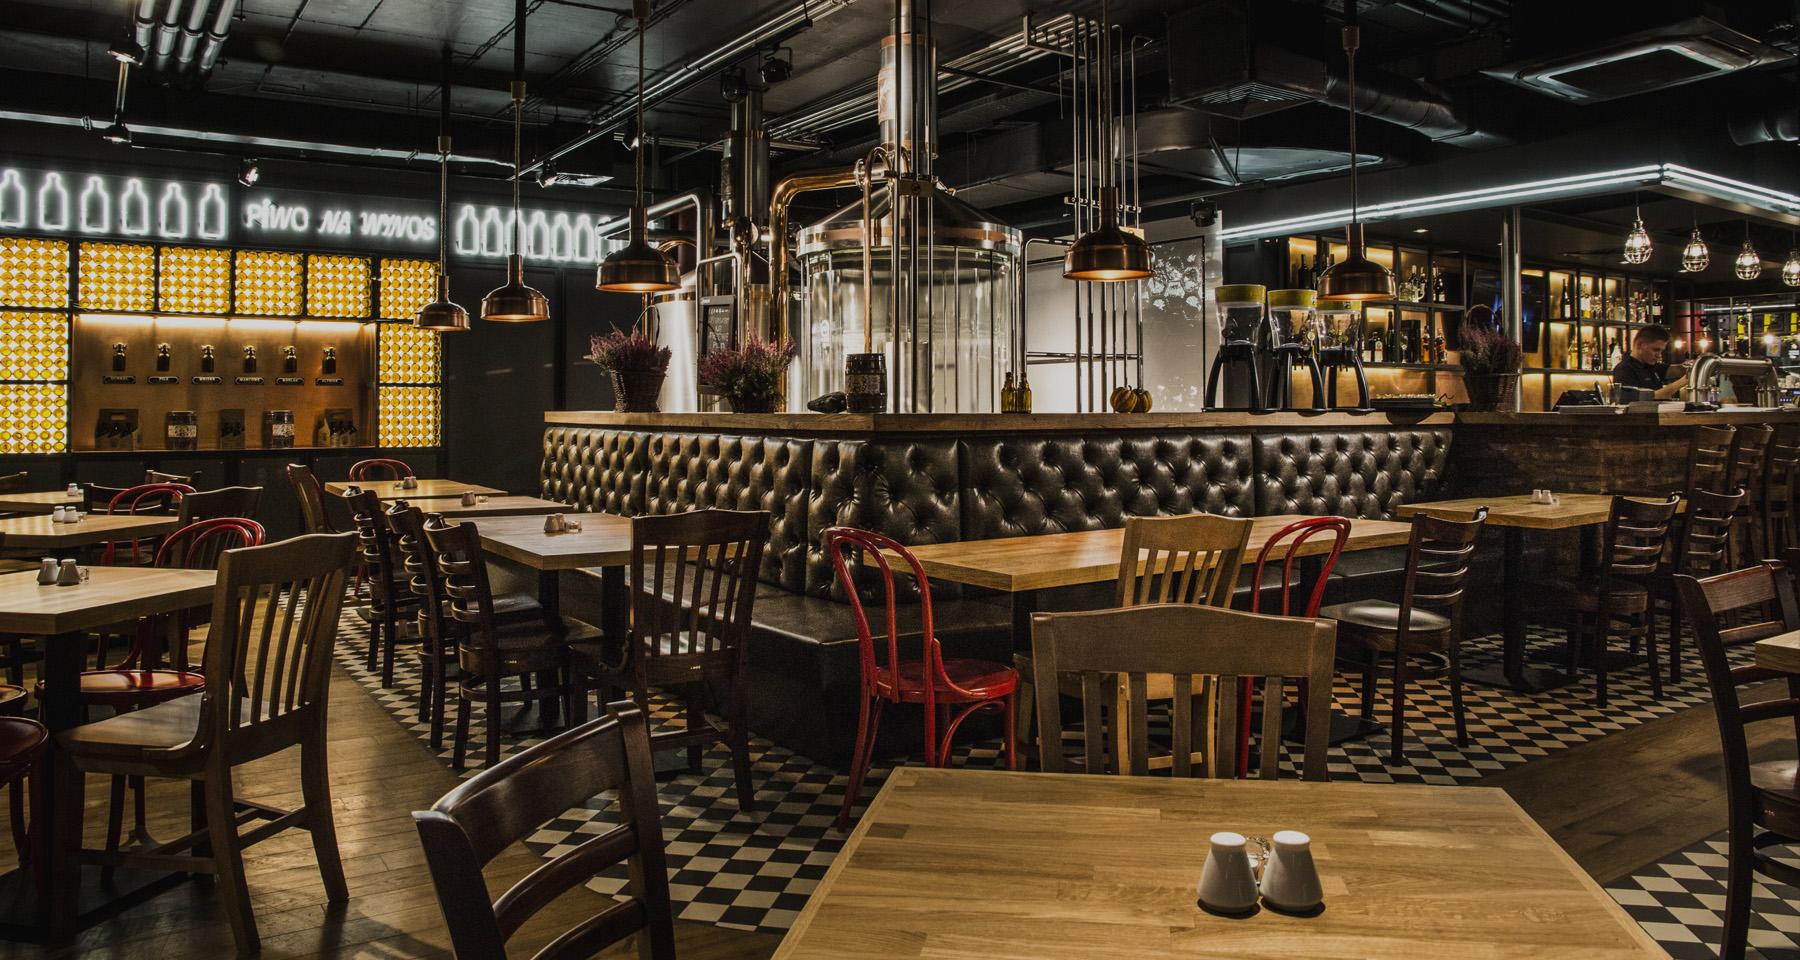 Bierhalle Browar Restauracja Www Bierhalle Pl